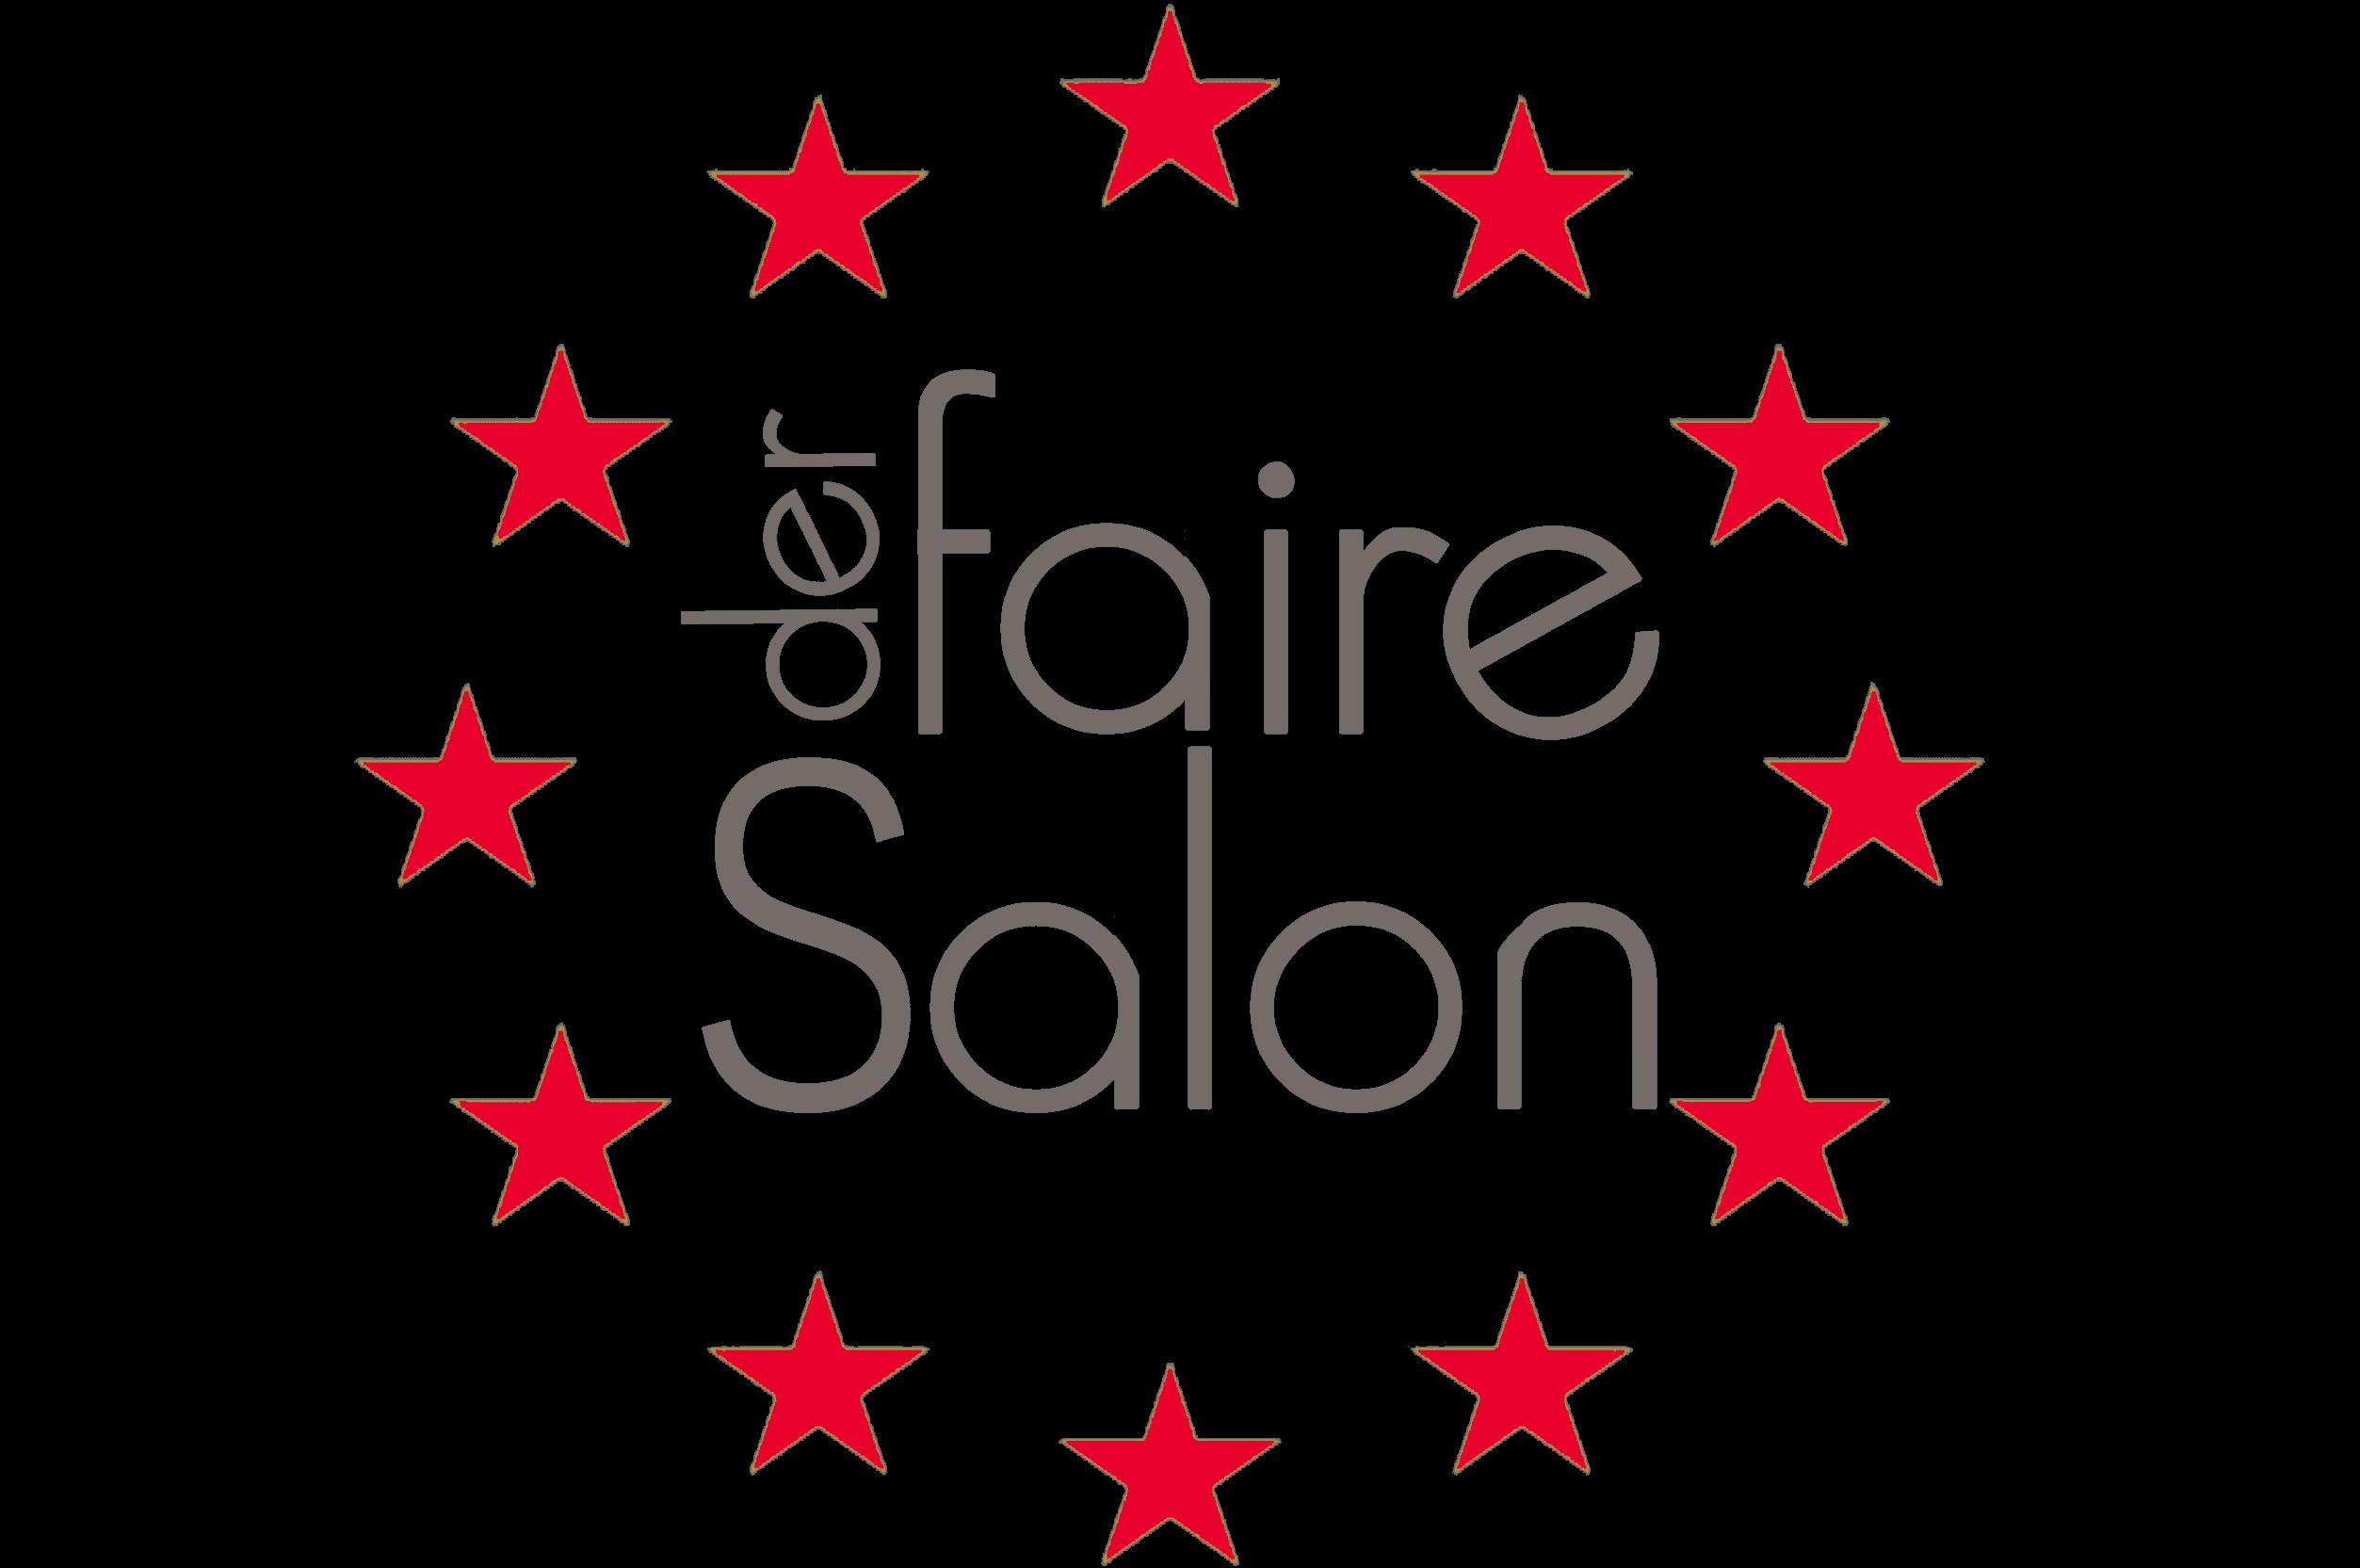 Der faire Salon